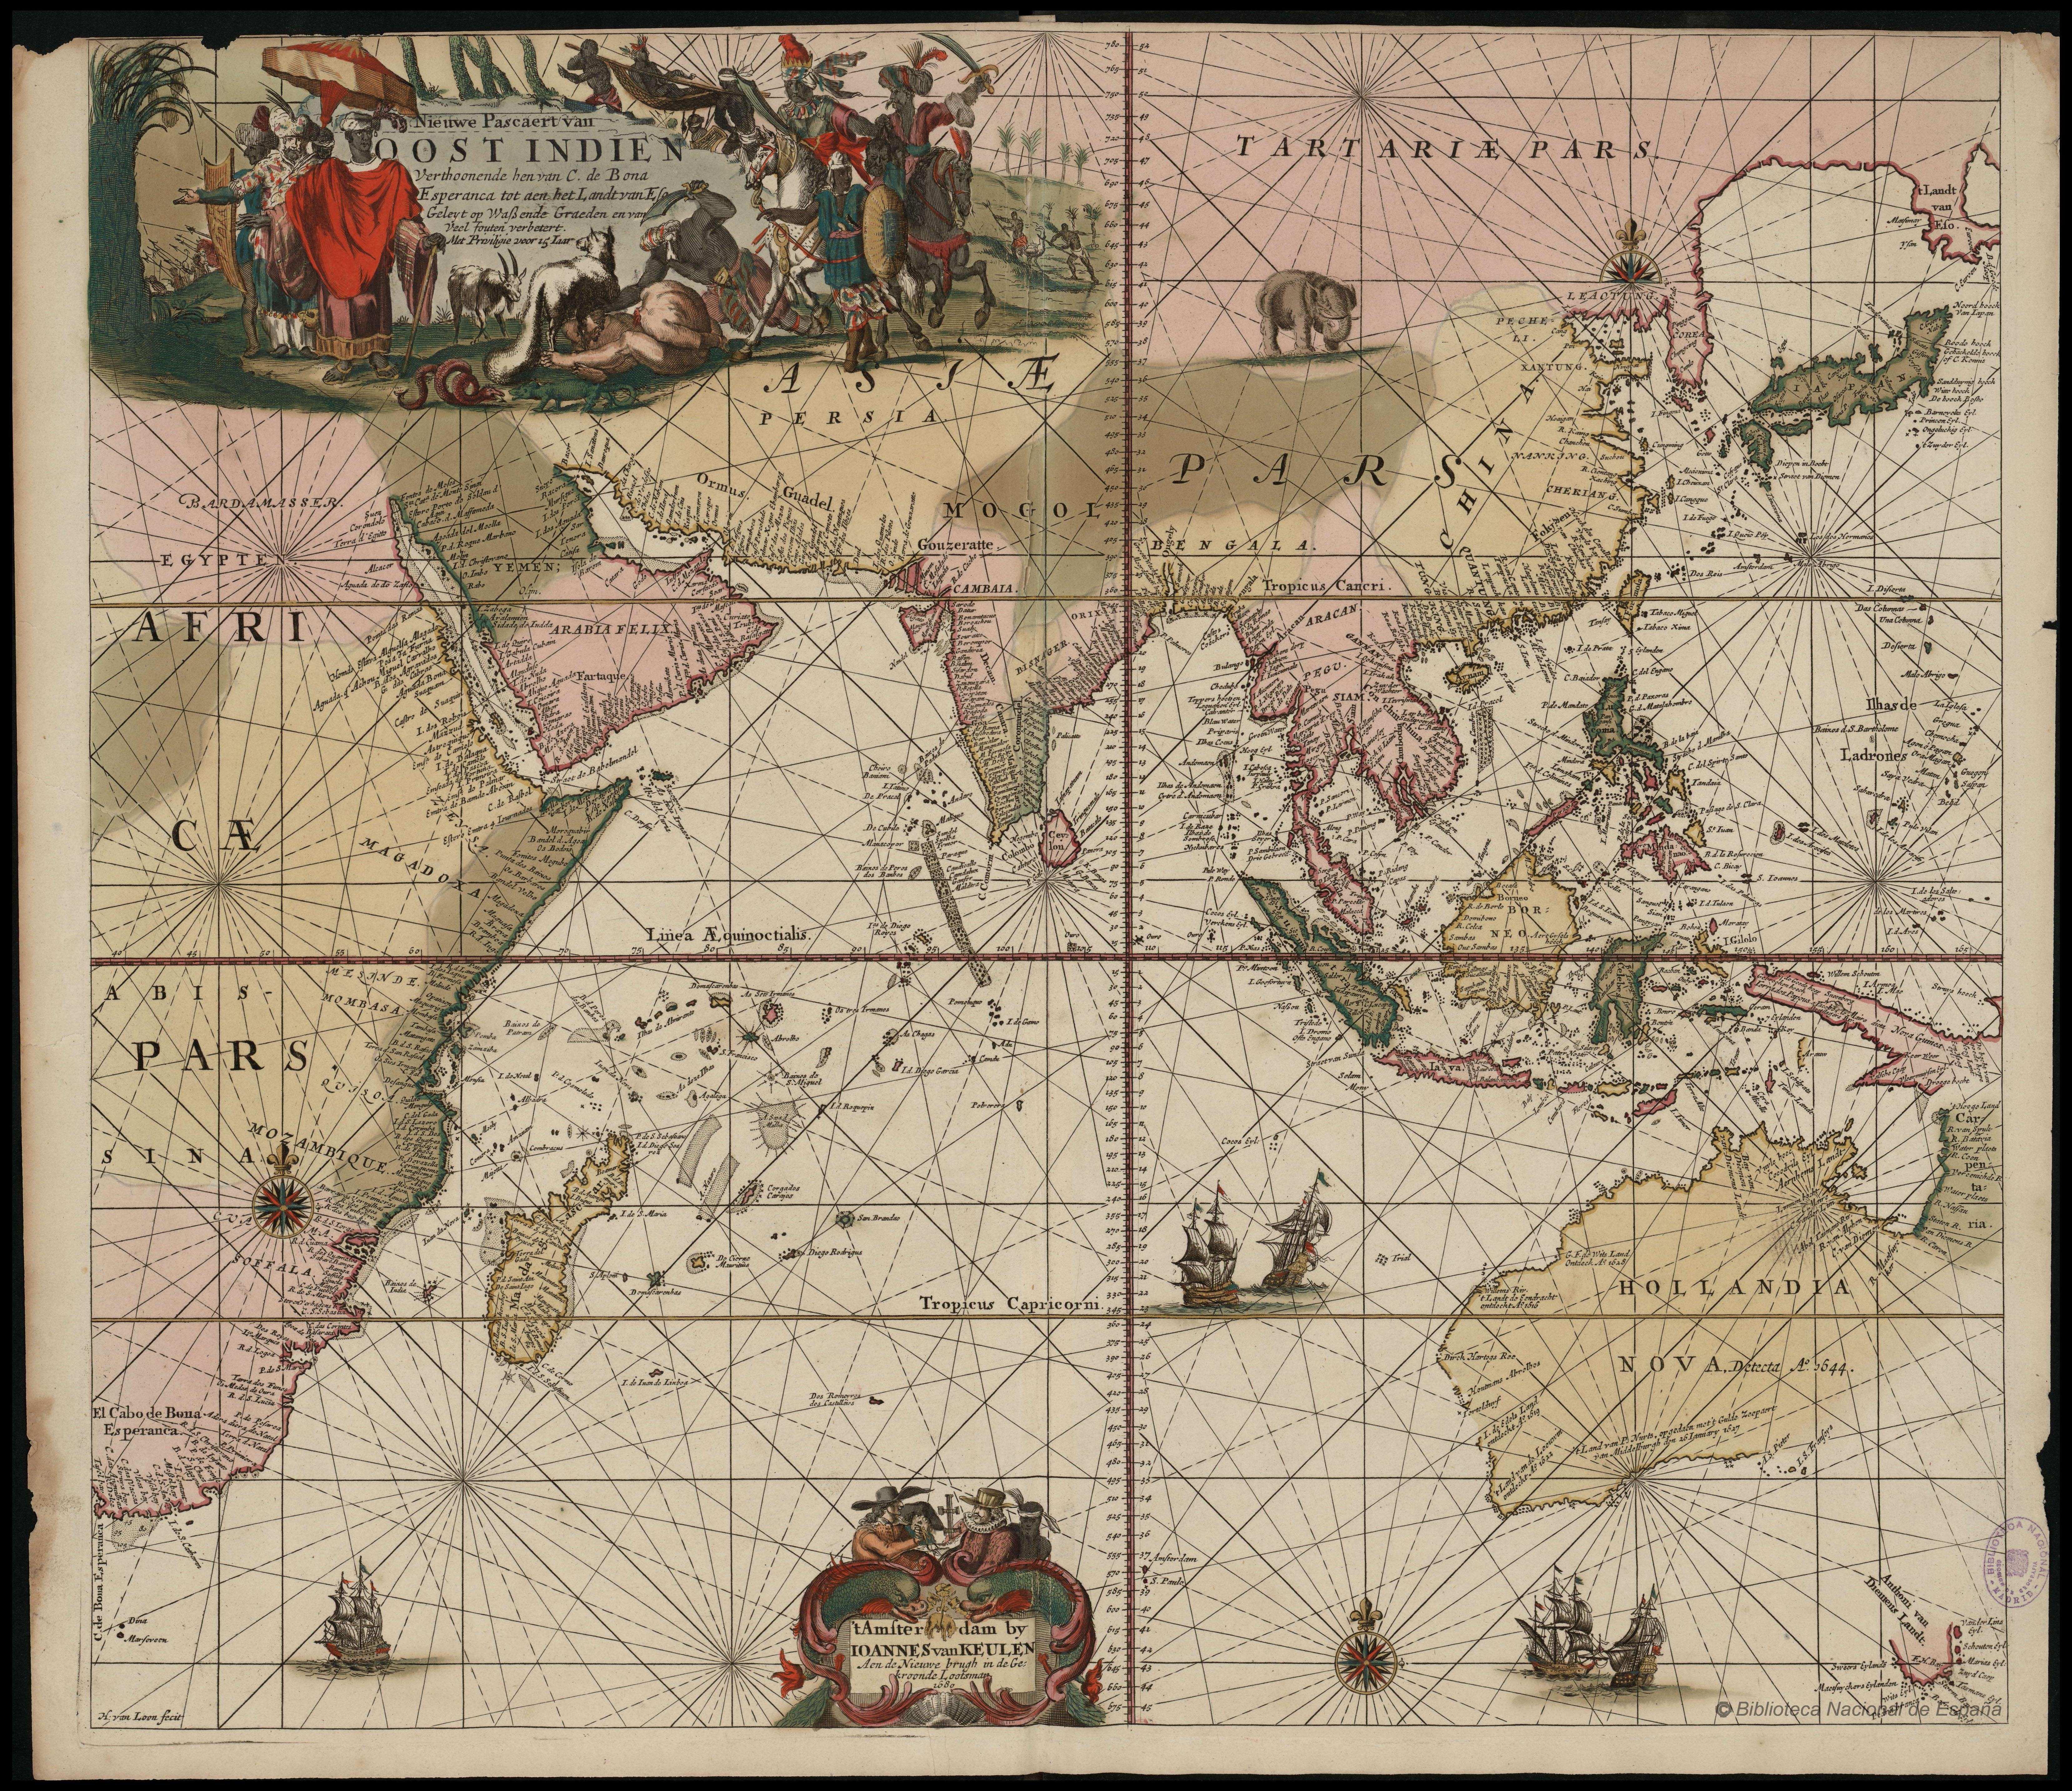 File:Van Keulen-Nieuwe Pascaert van Oost Indien-1680-1735-1